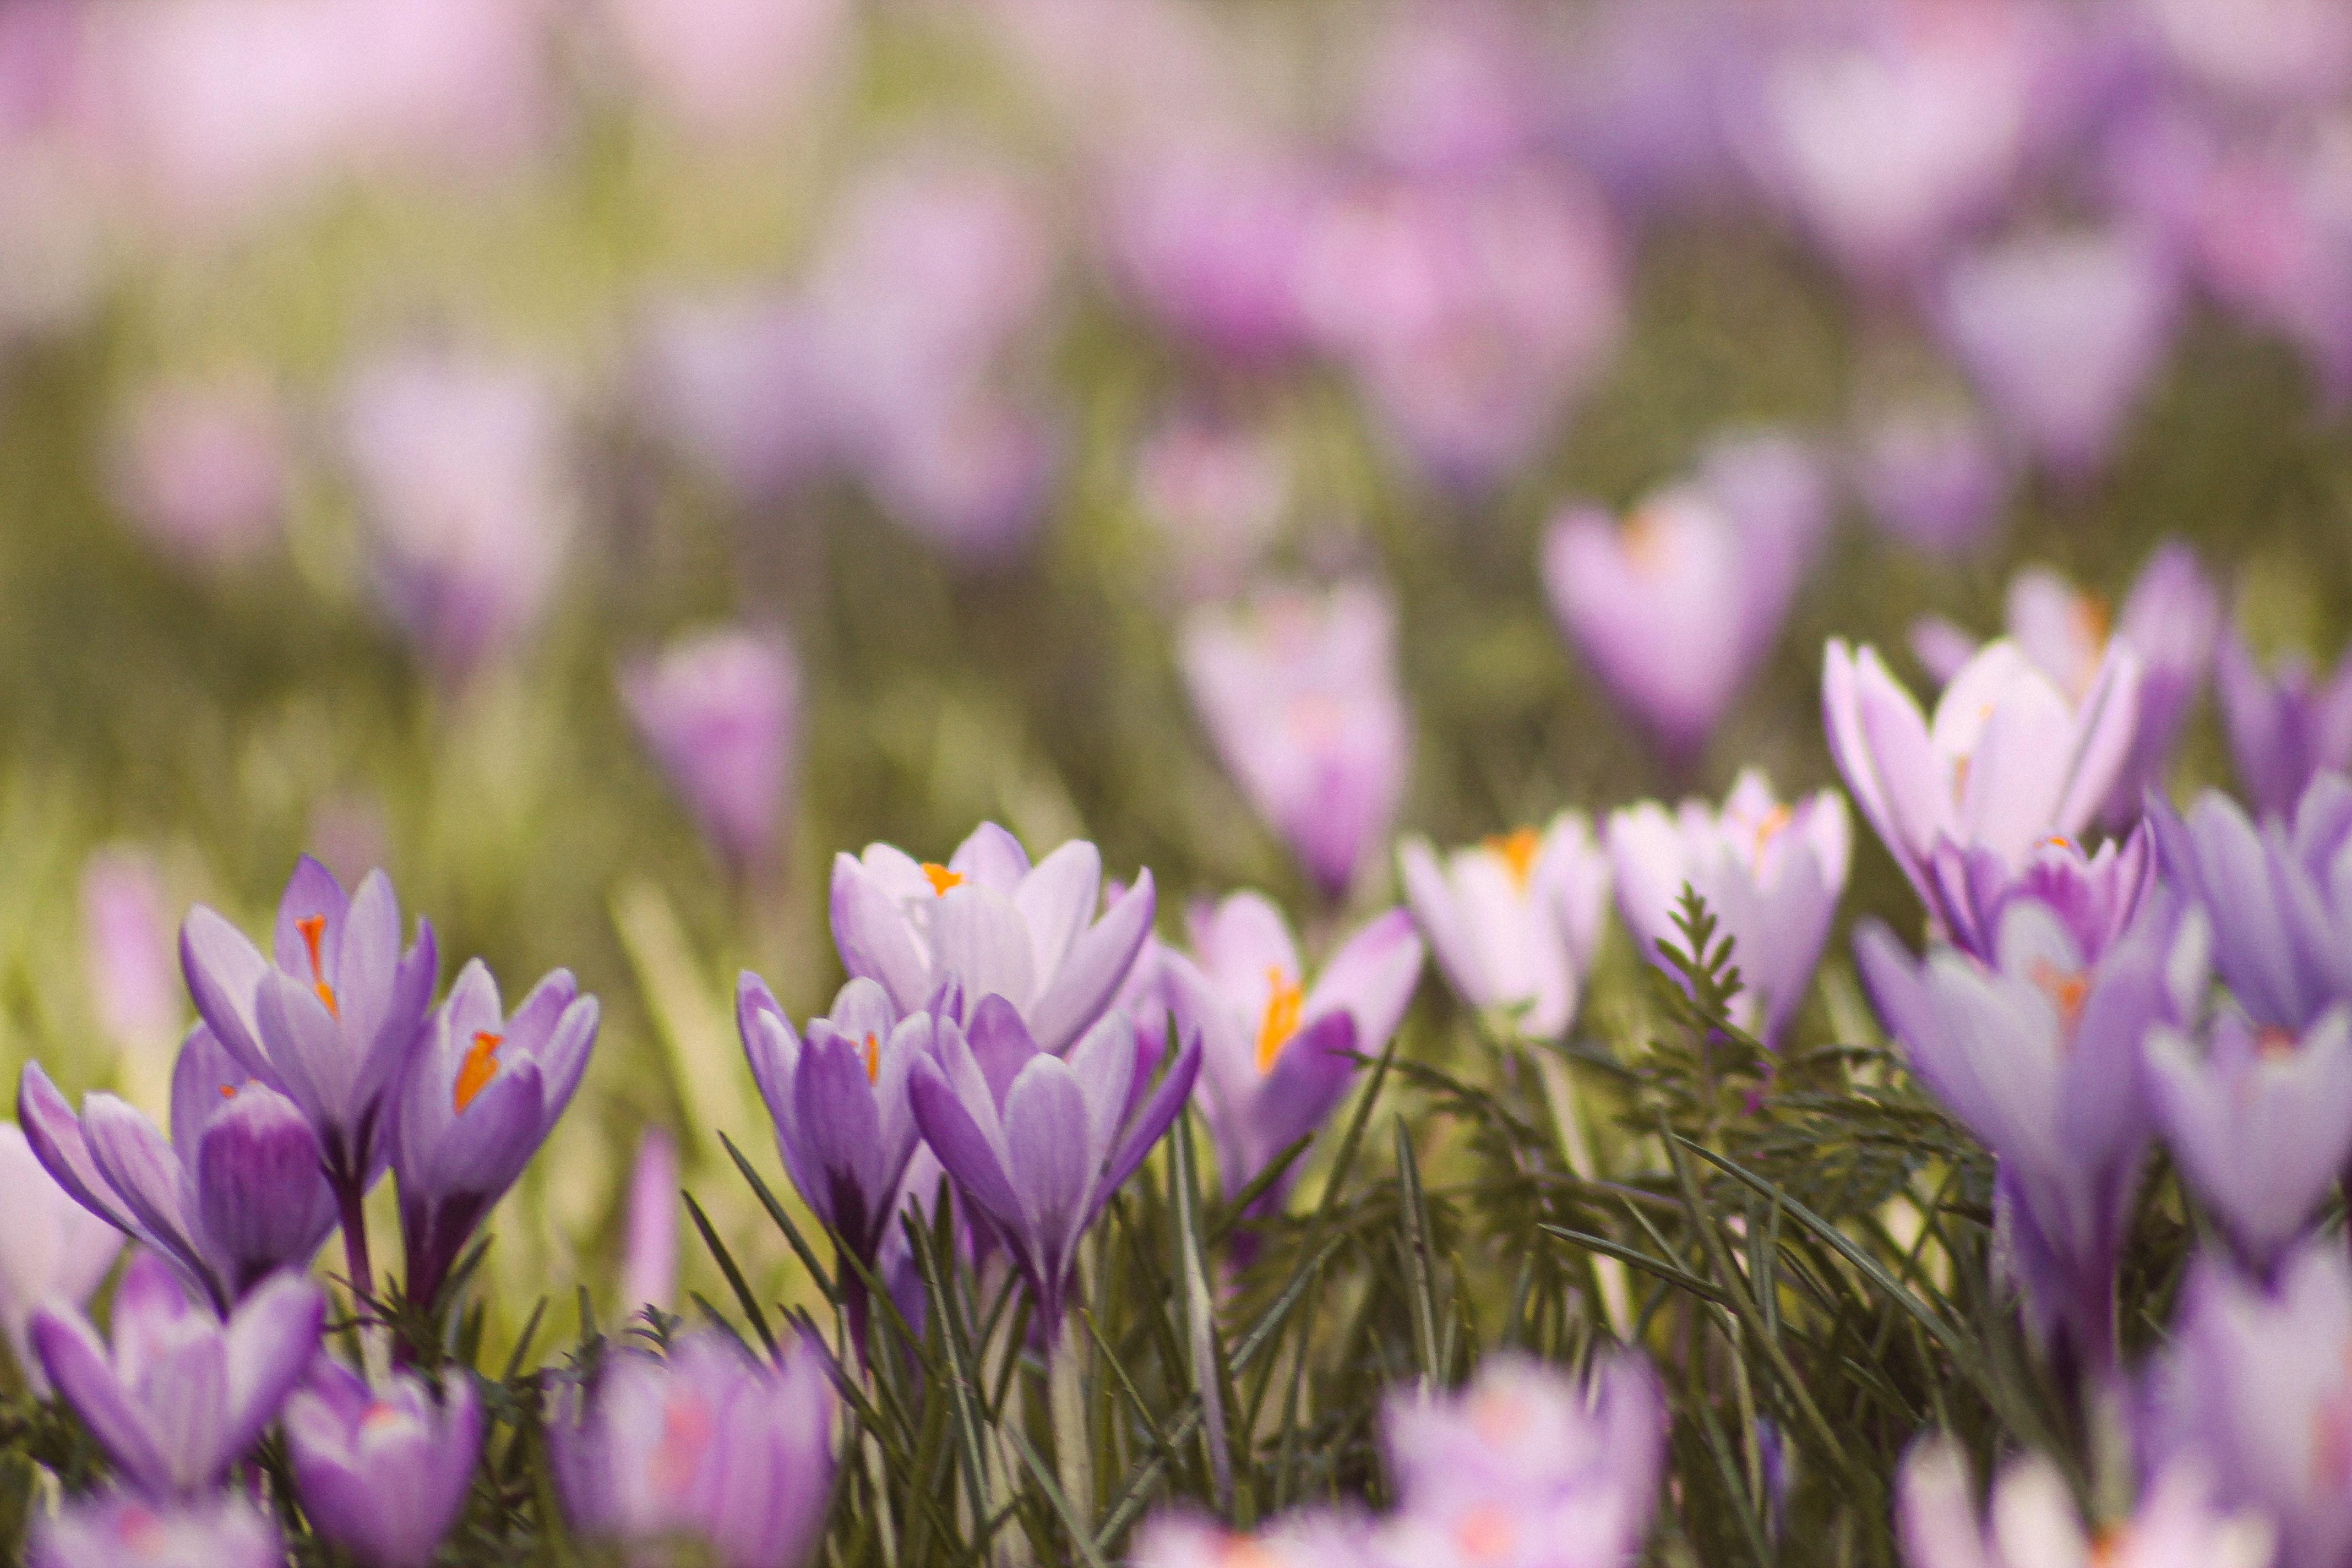 Purple Crocus Flowers In Bloom Free Stock Photo